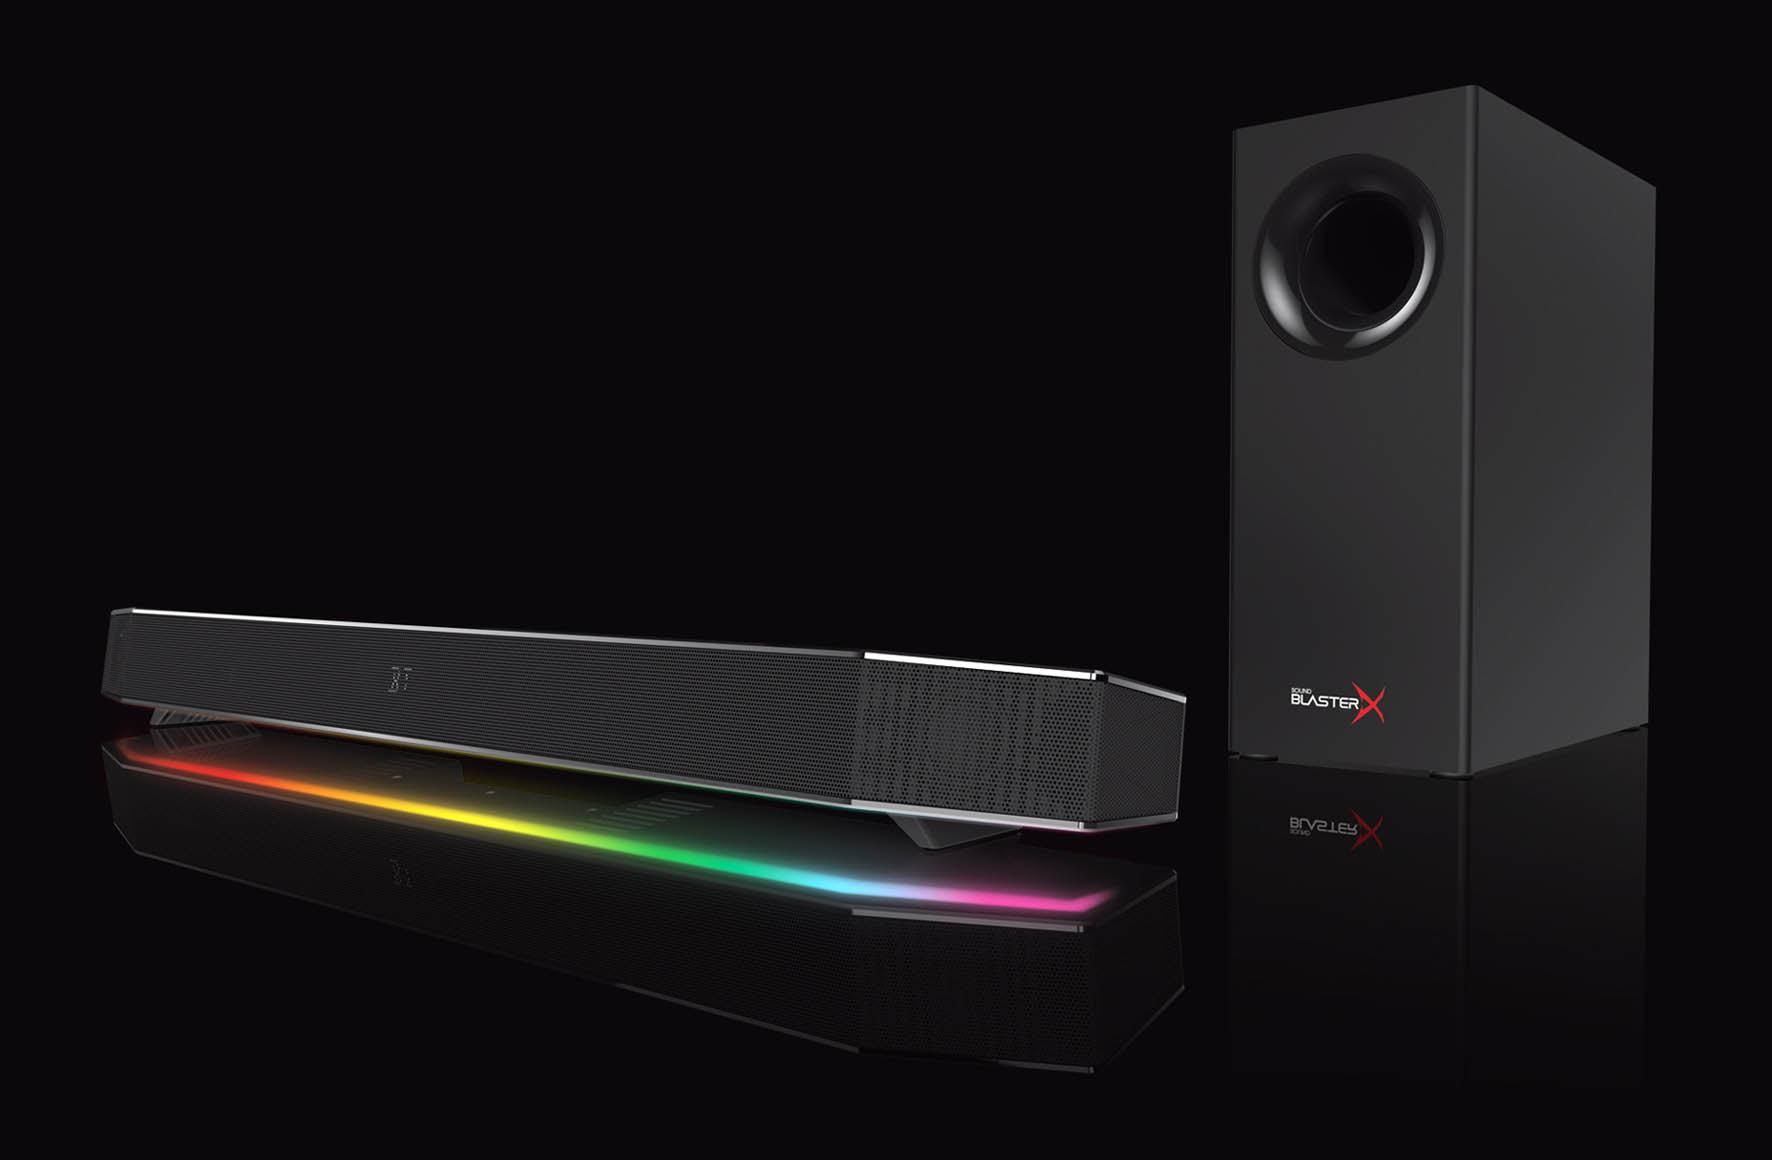 NP: Los periféricos Sound BlasterX nominados en tres categorías por la European Hardware Association